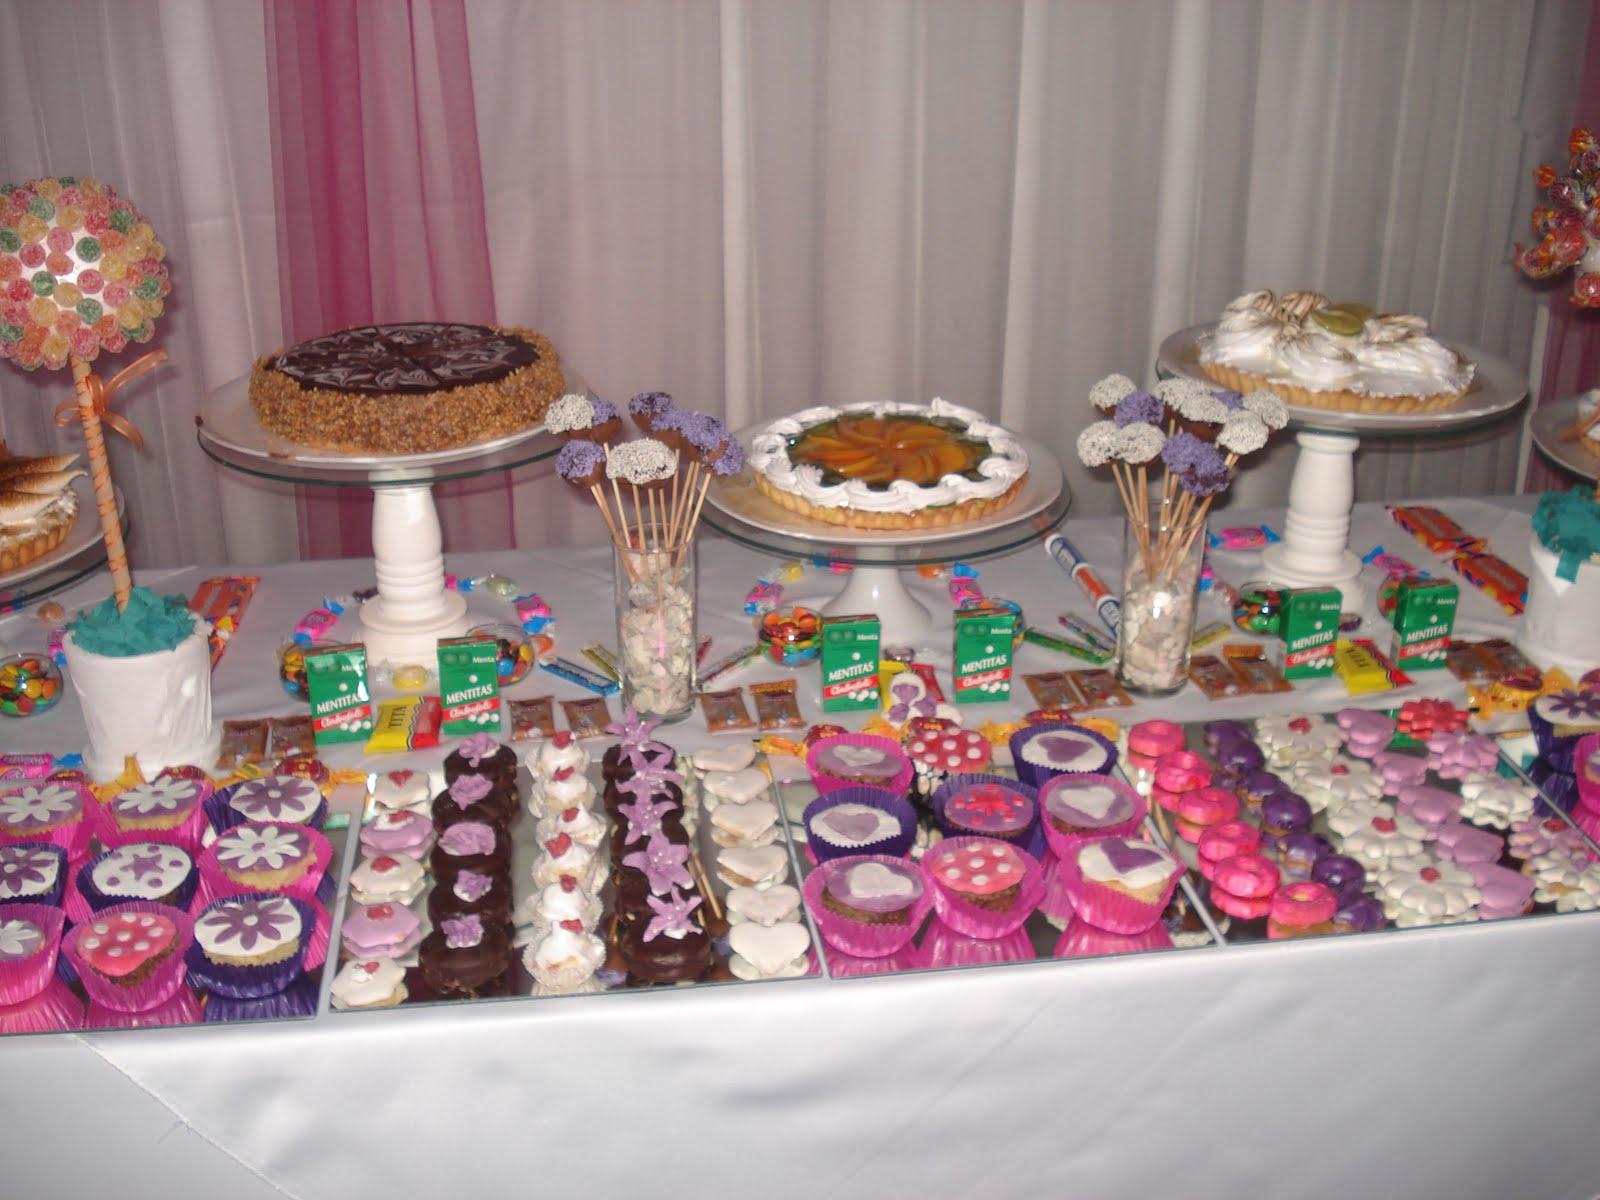 Maria bombones noviembre 2011 for Mesa de dulces para 15